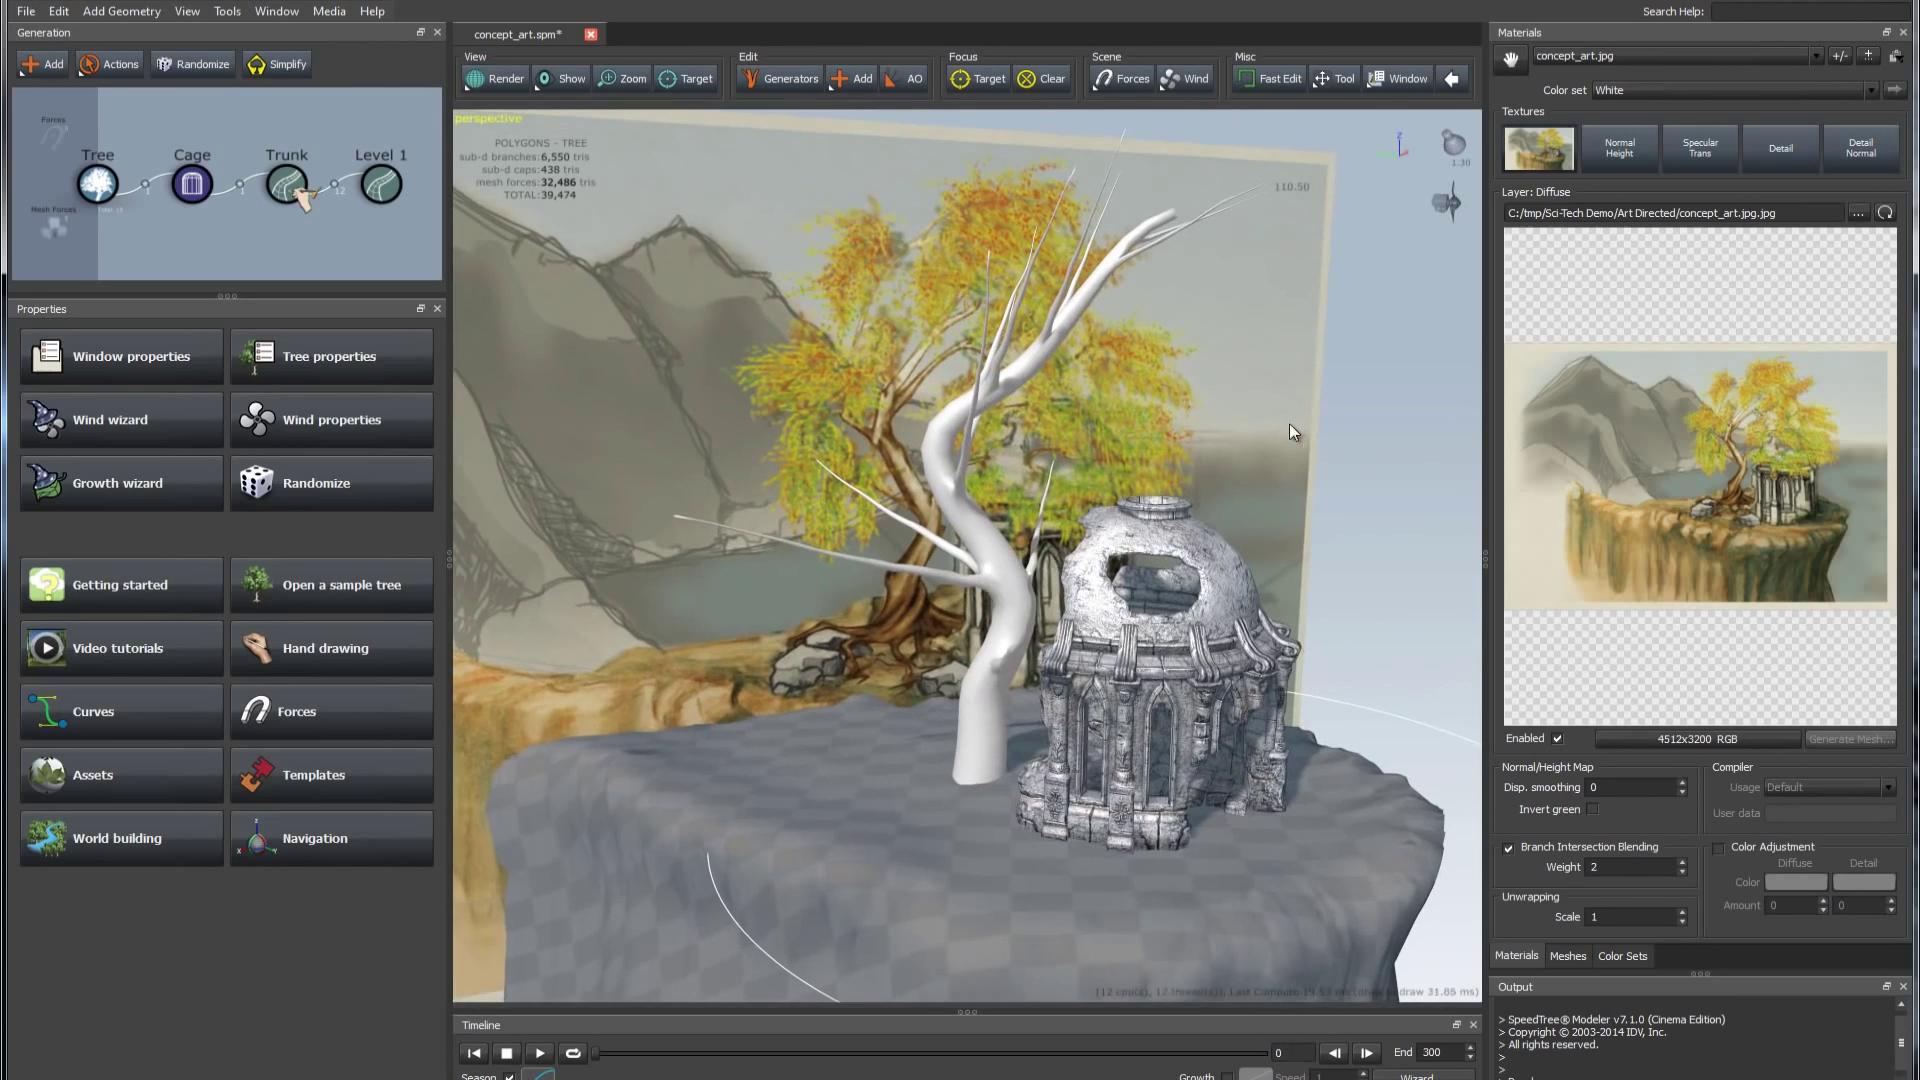 Đây là cách cây cối được tạo ra trong PUBG, Witcher 3, Star Wars: The Force Awakens và nhiều nữa